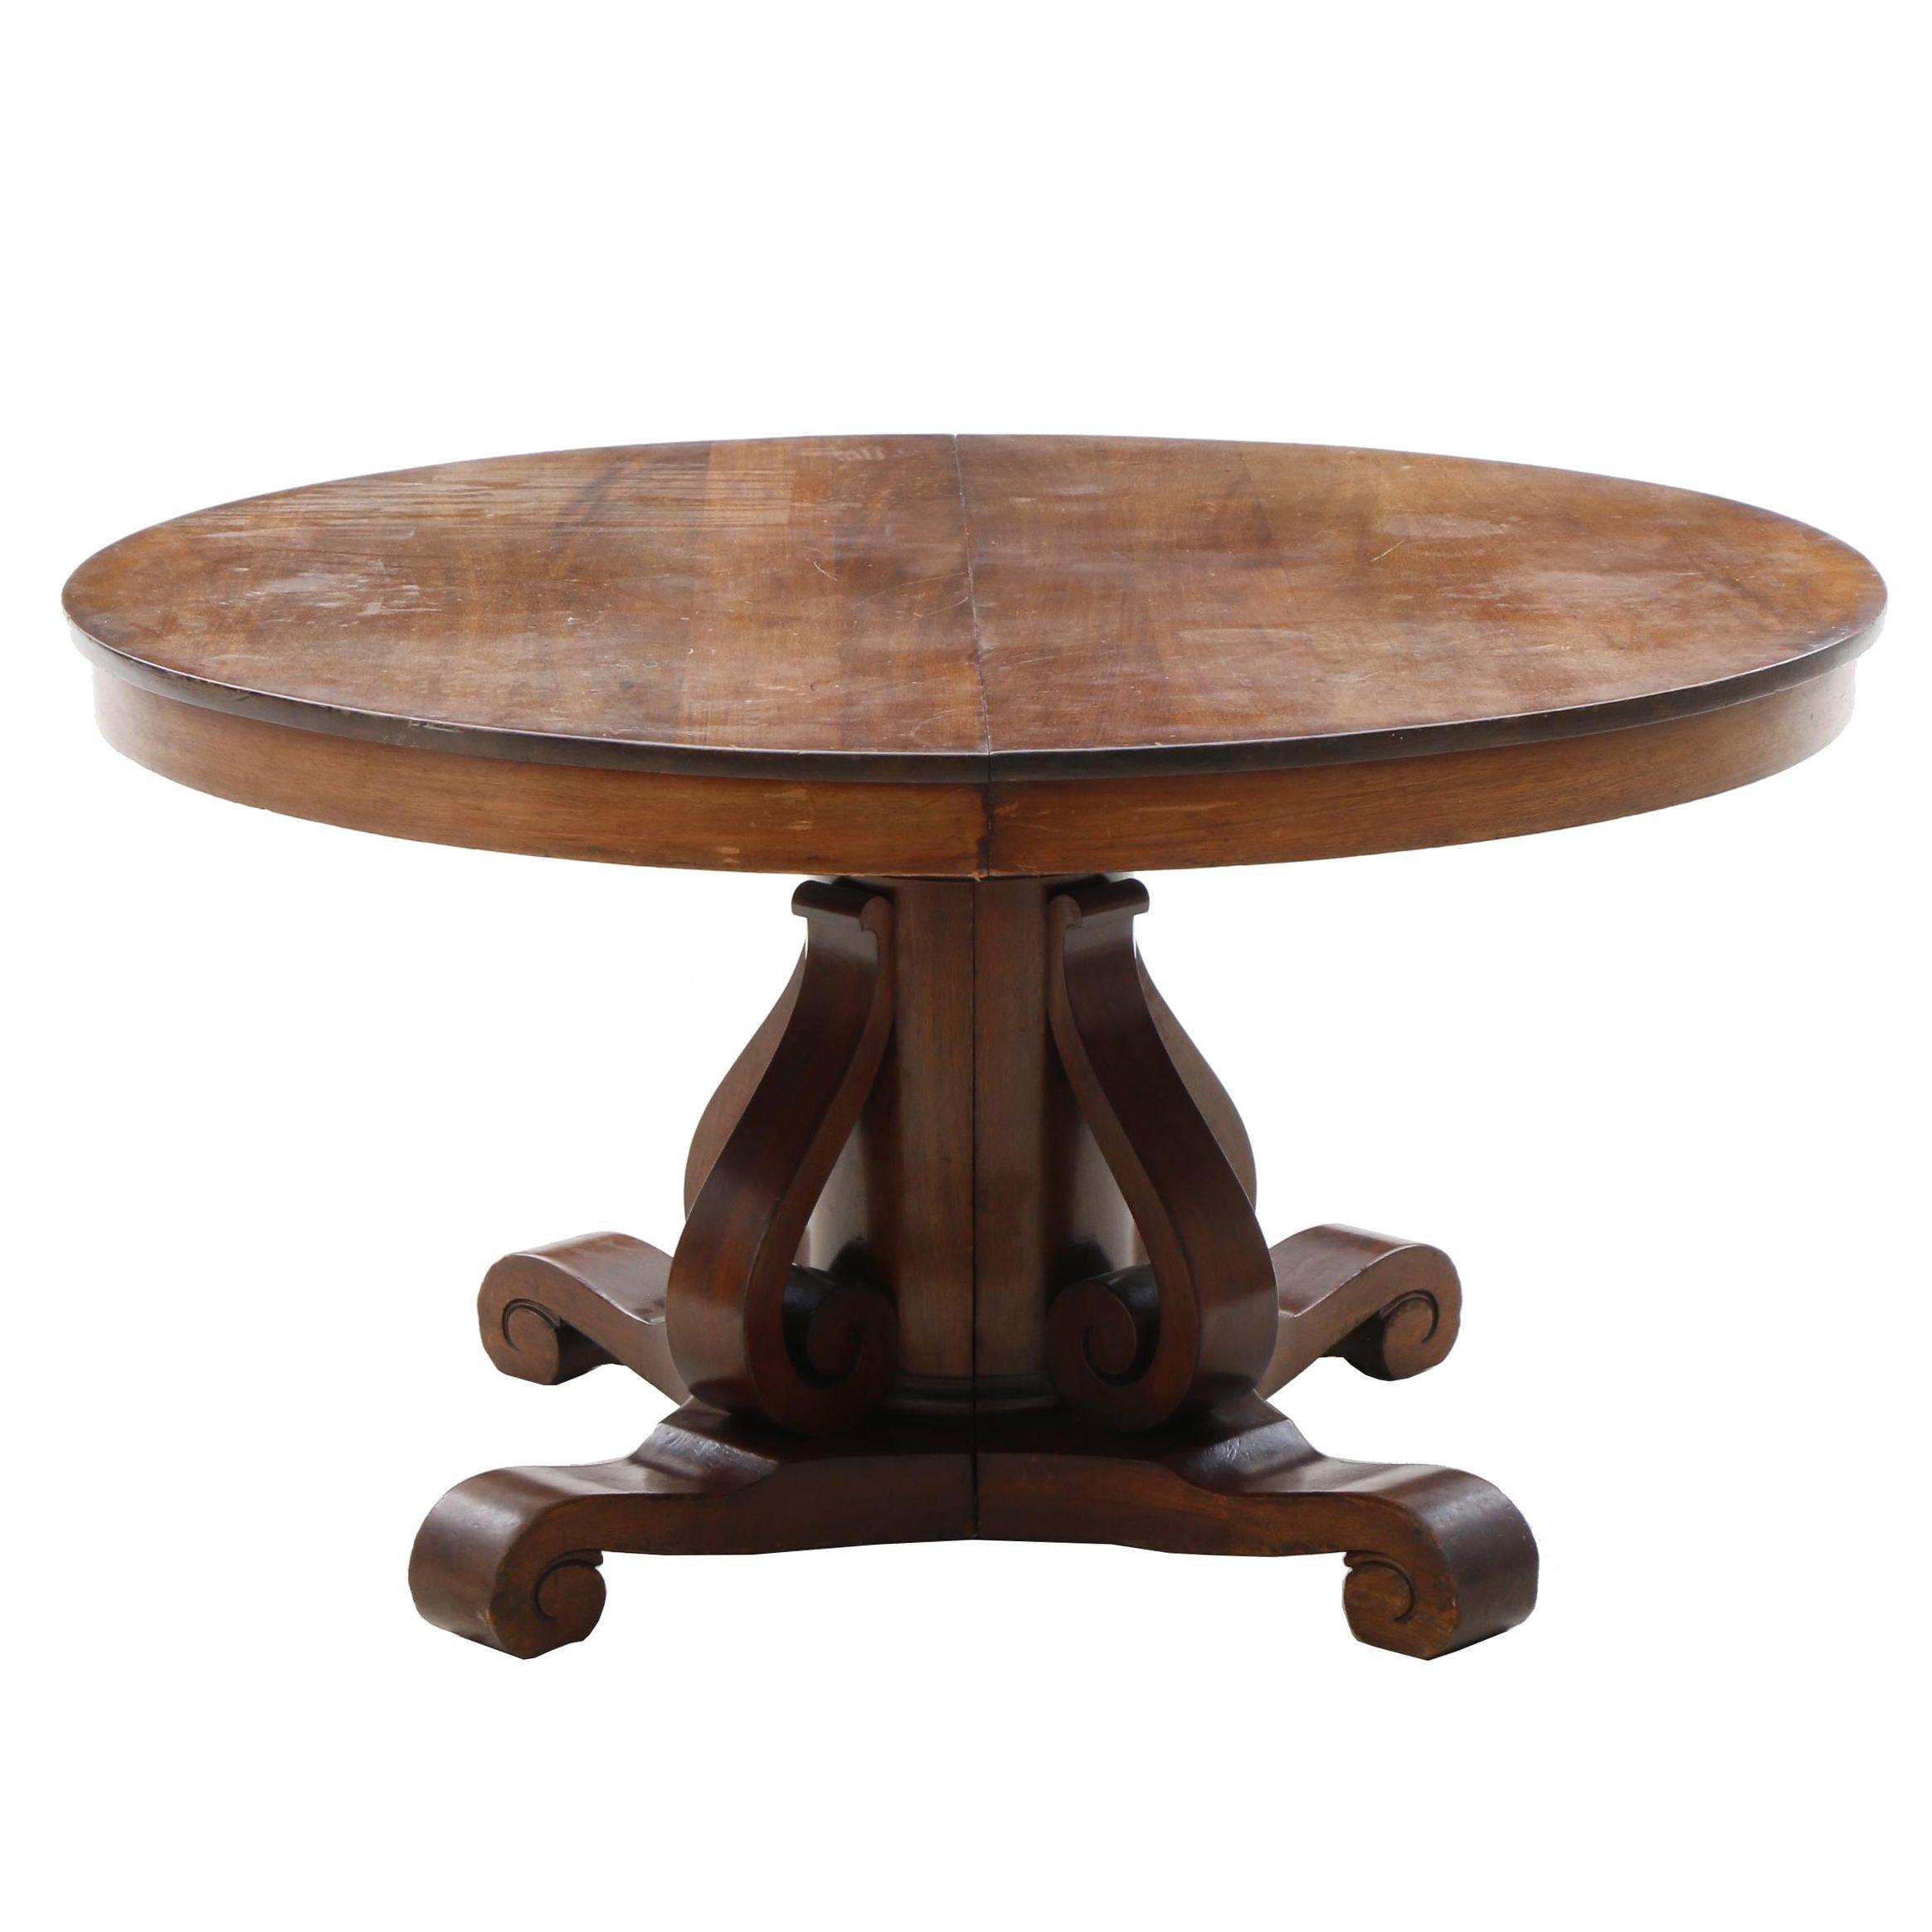 Empire Mahogany Dining Table, Mid 19th Century